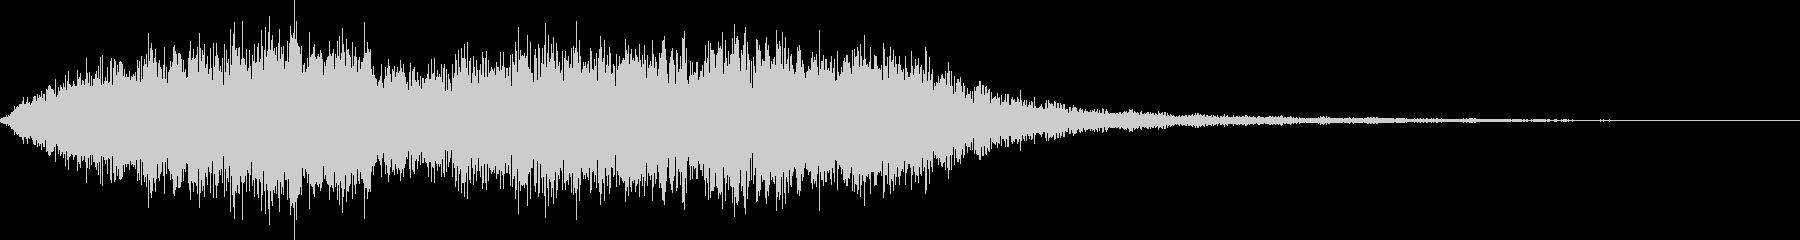 クワイヤ コーラス サウンドロゴの未再生の波形